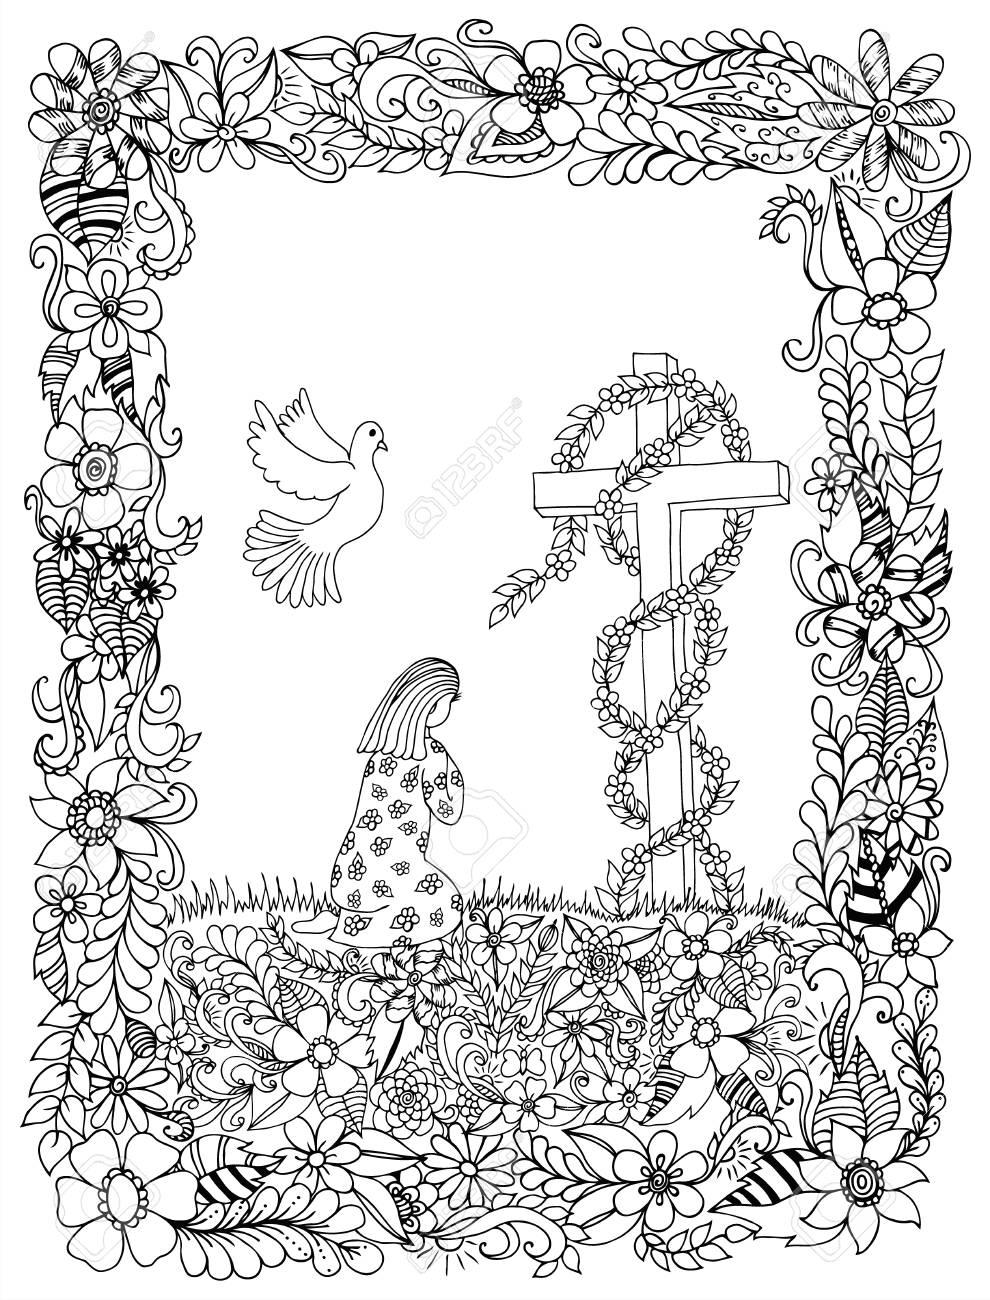 Zentangle Niña Arrodillada En Un Marco De Flores. Libro Para ...